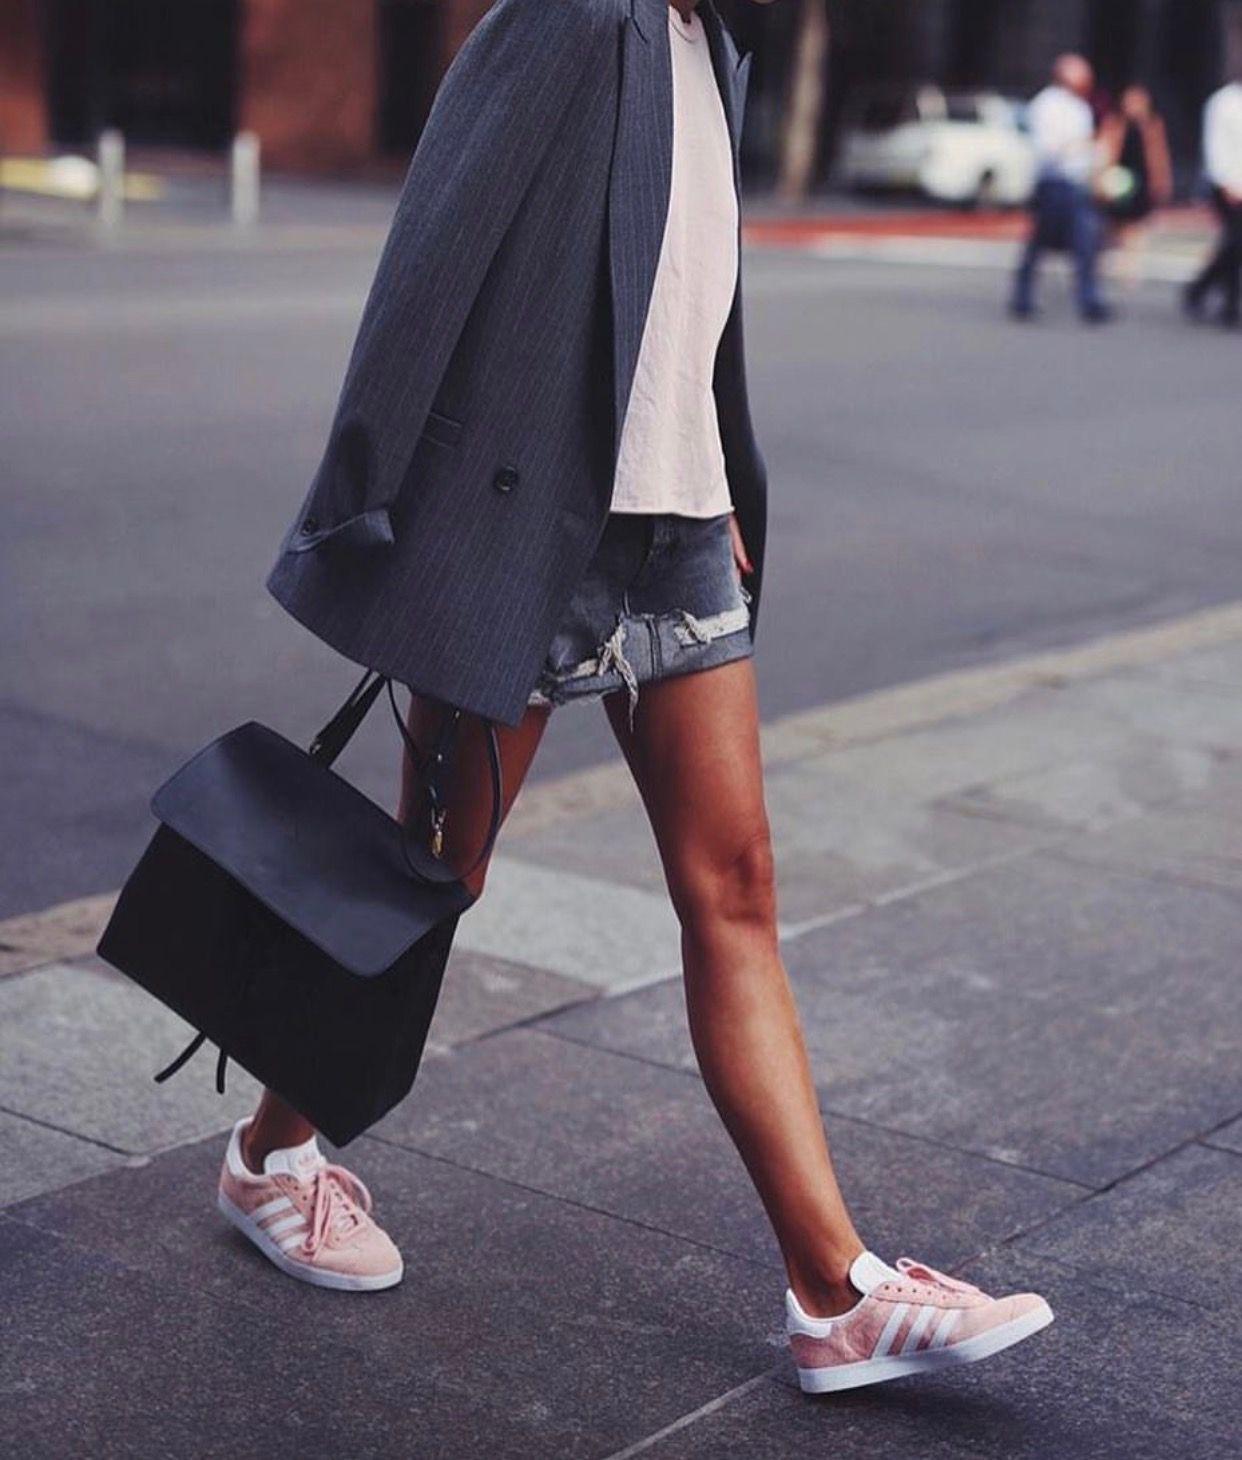 buy popular c9b51 b72a1 insta and pinterest amymckeown5 Rosa Adidas, Pink Adidas, Adidas Outfit,  Adidas